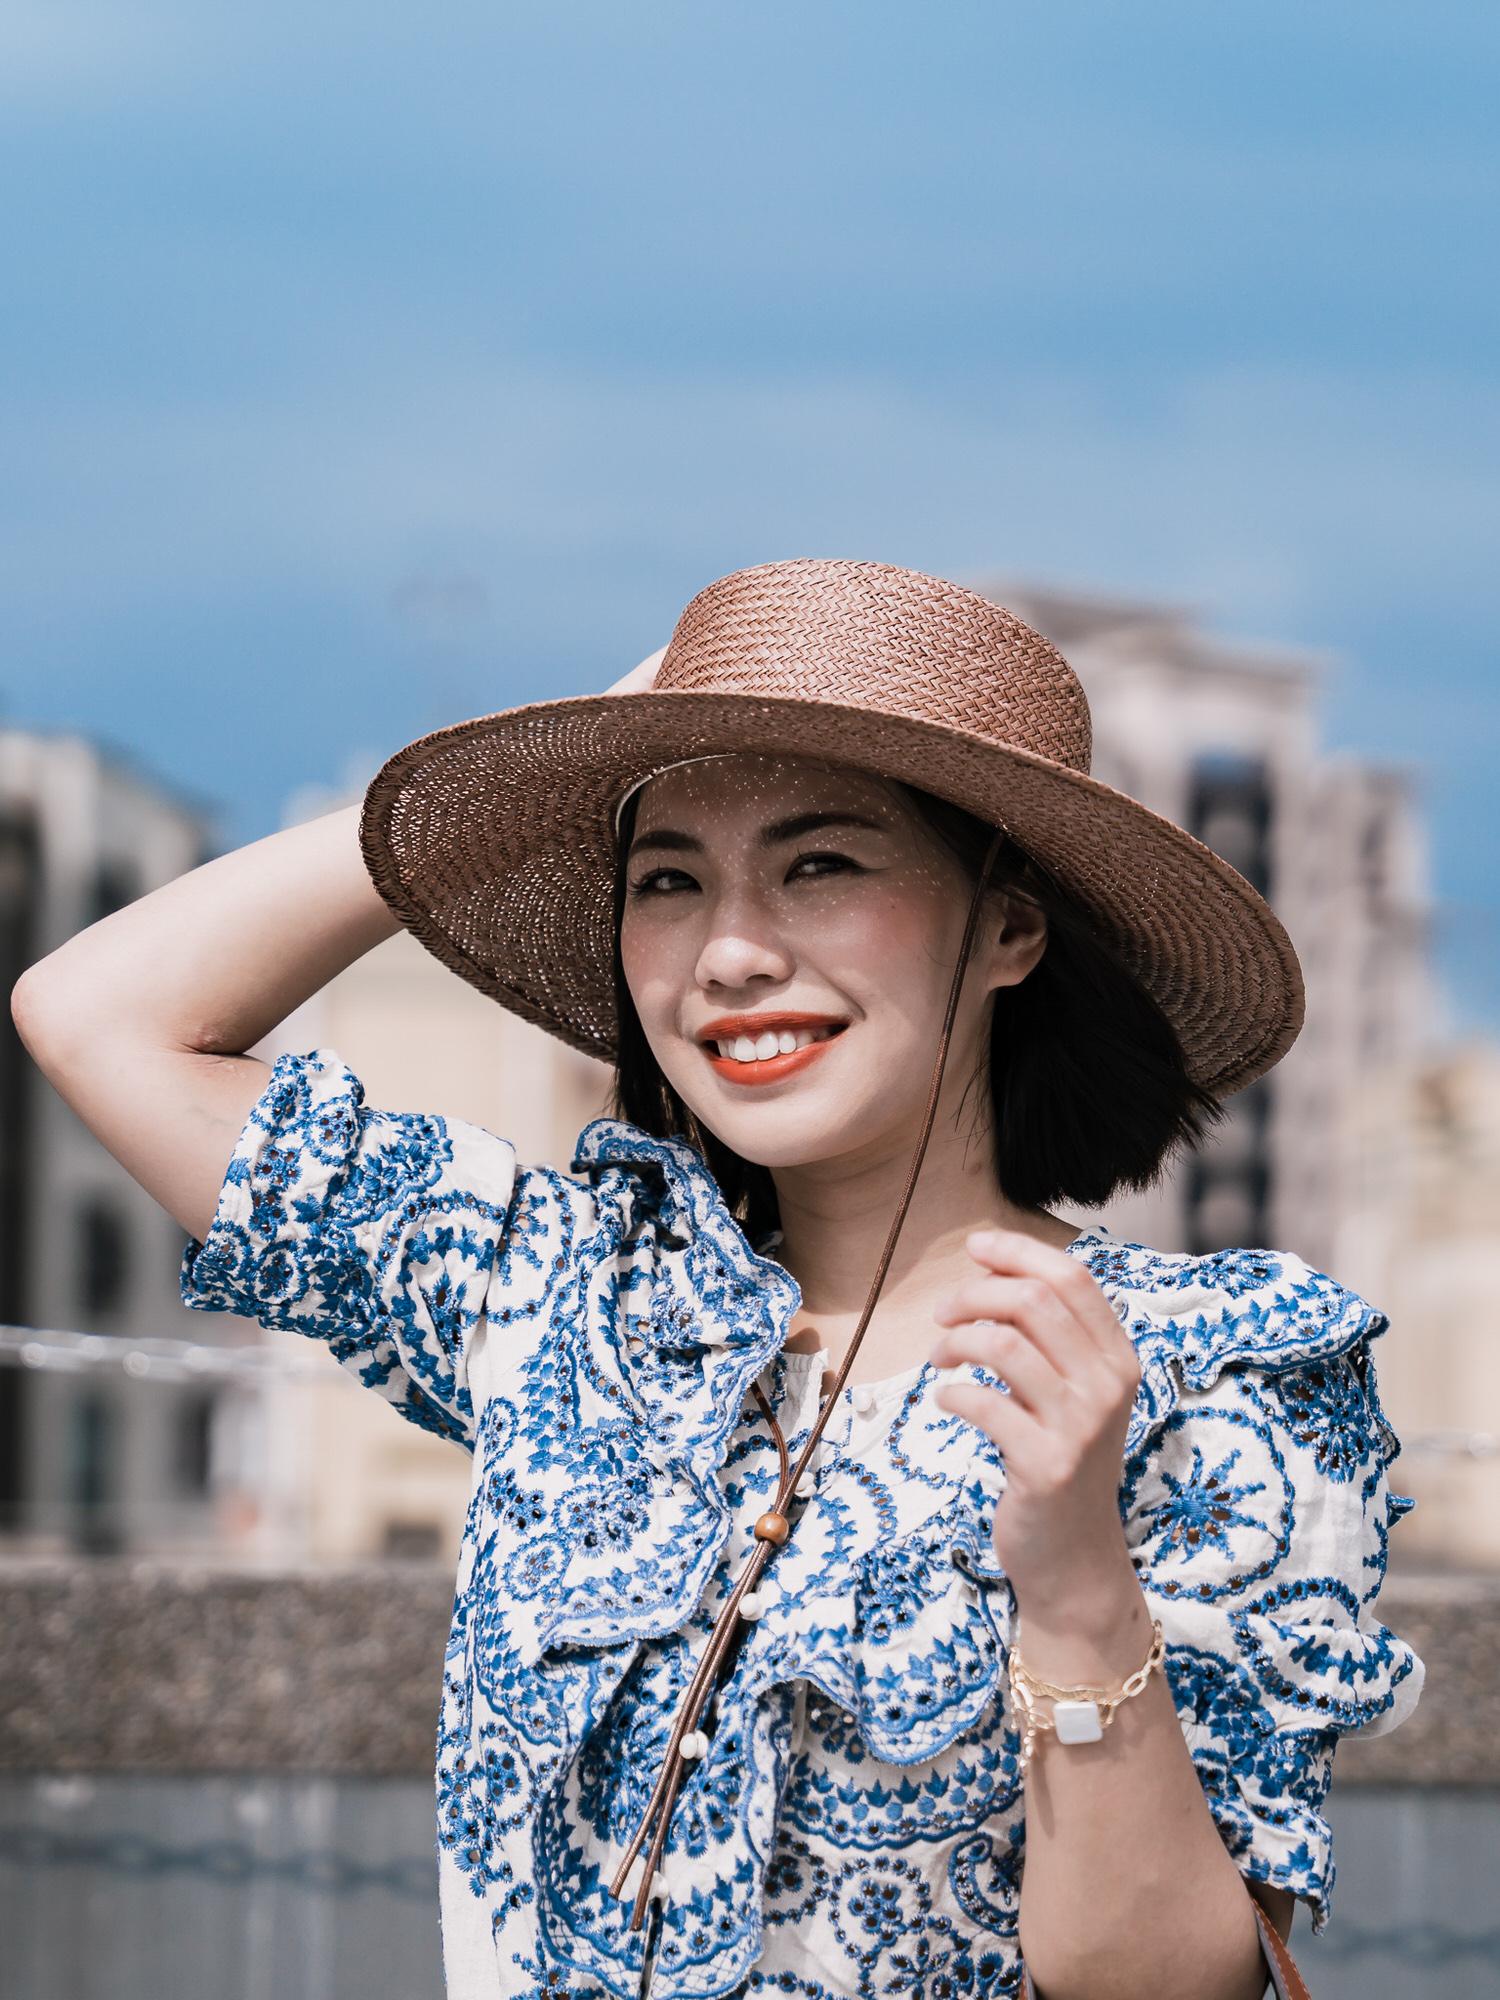 澳洲品牌Lack of Color The Vienna Hat 草編帽開箱~好萊塢明星渡假指定單品,平價且設計超好看的草帽!